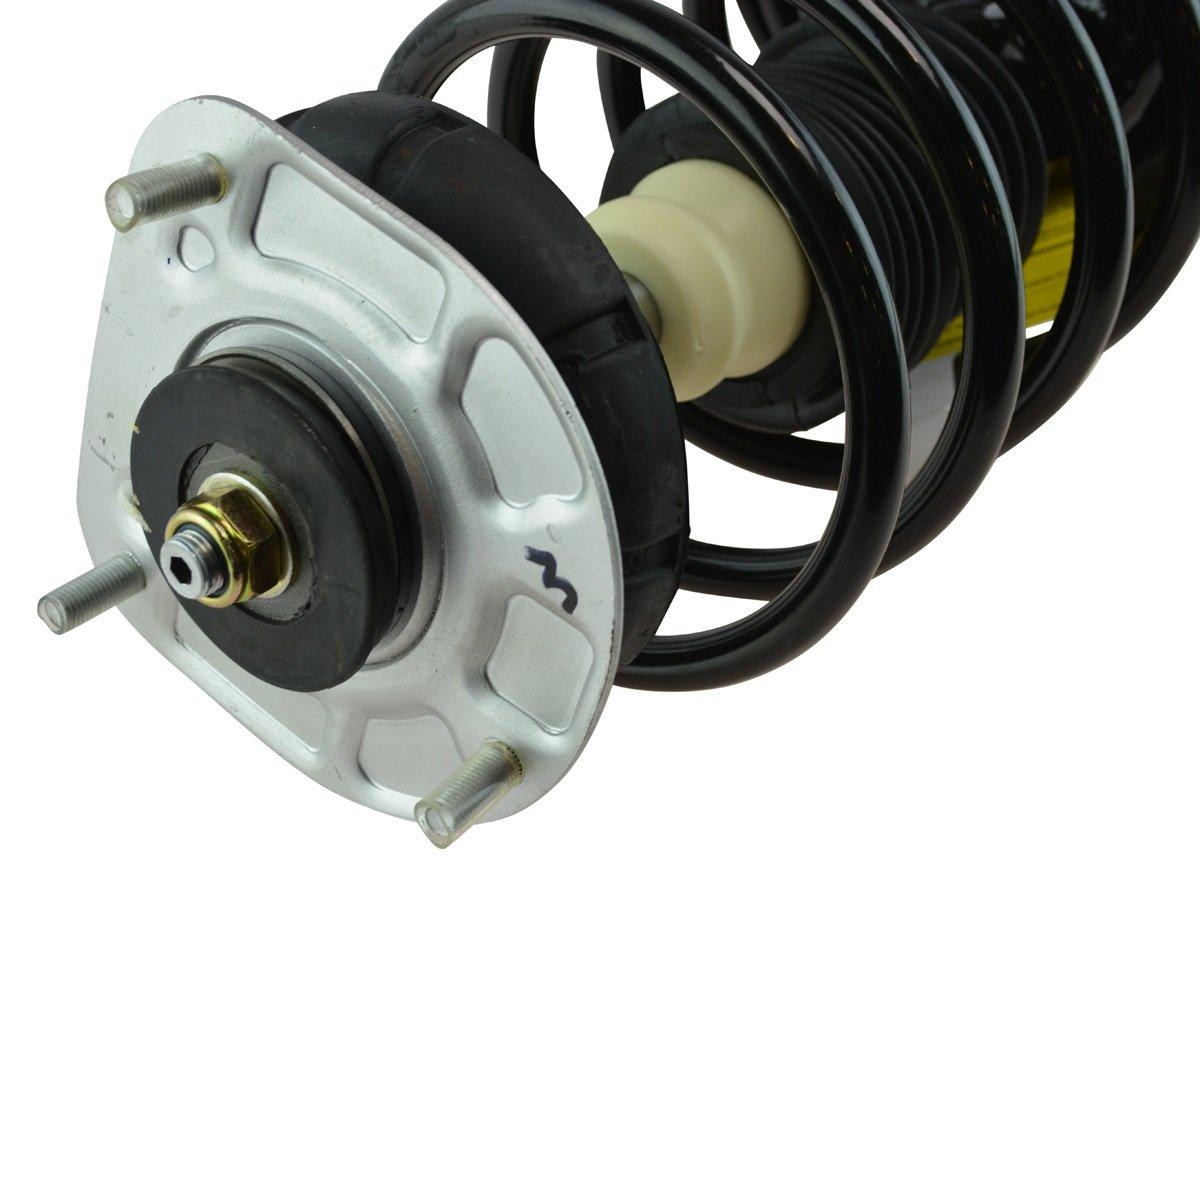 Front Complete Shock Strut Spring Assembly LH LF Driver Side for S60 S80 V70